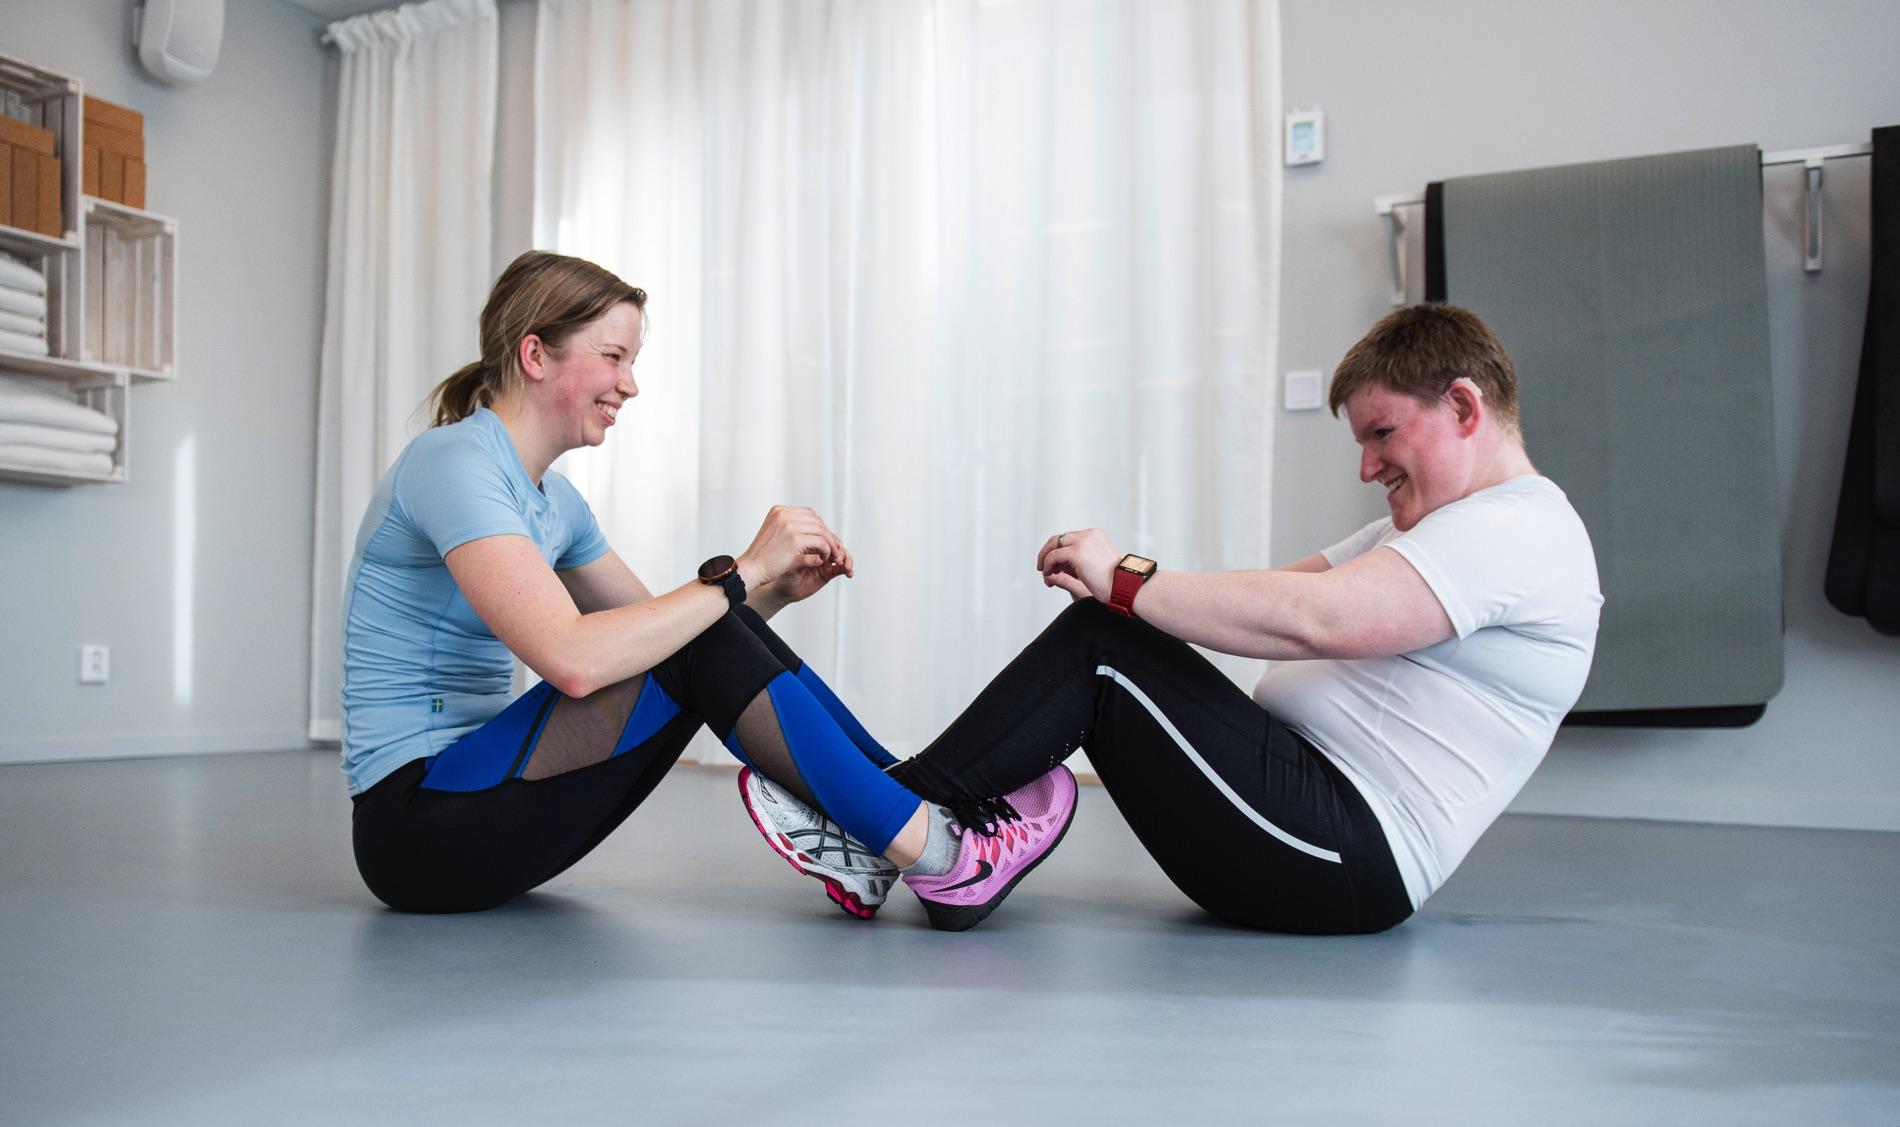 Johanna Oskarsson och Eva Dahlberg gör situps mot varandra på golvet i en yogasal.